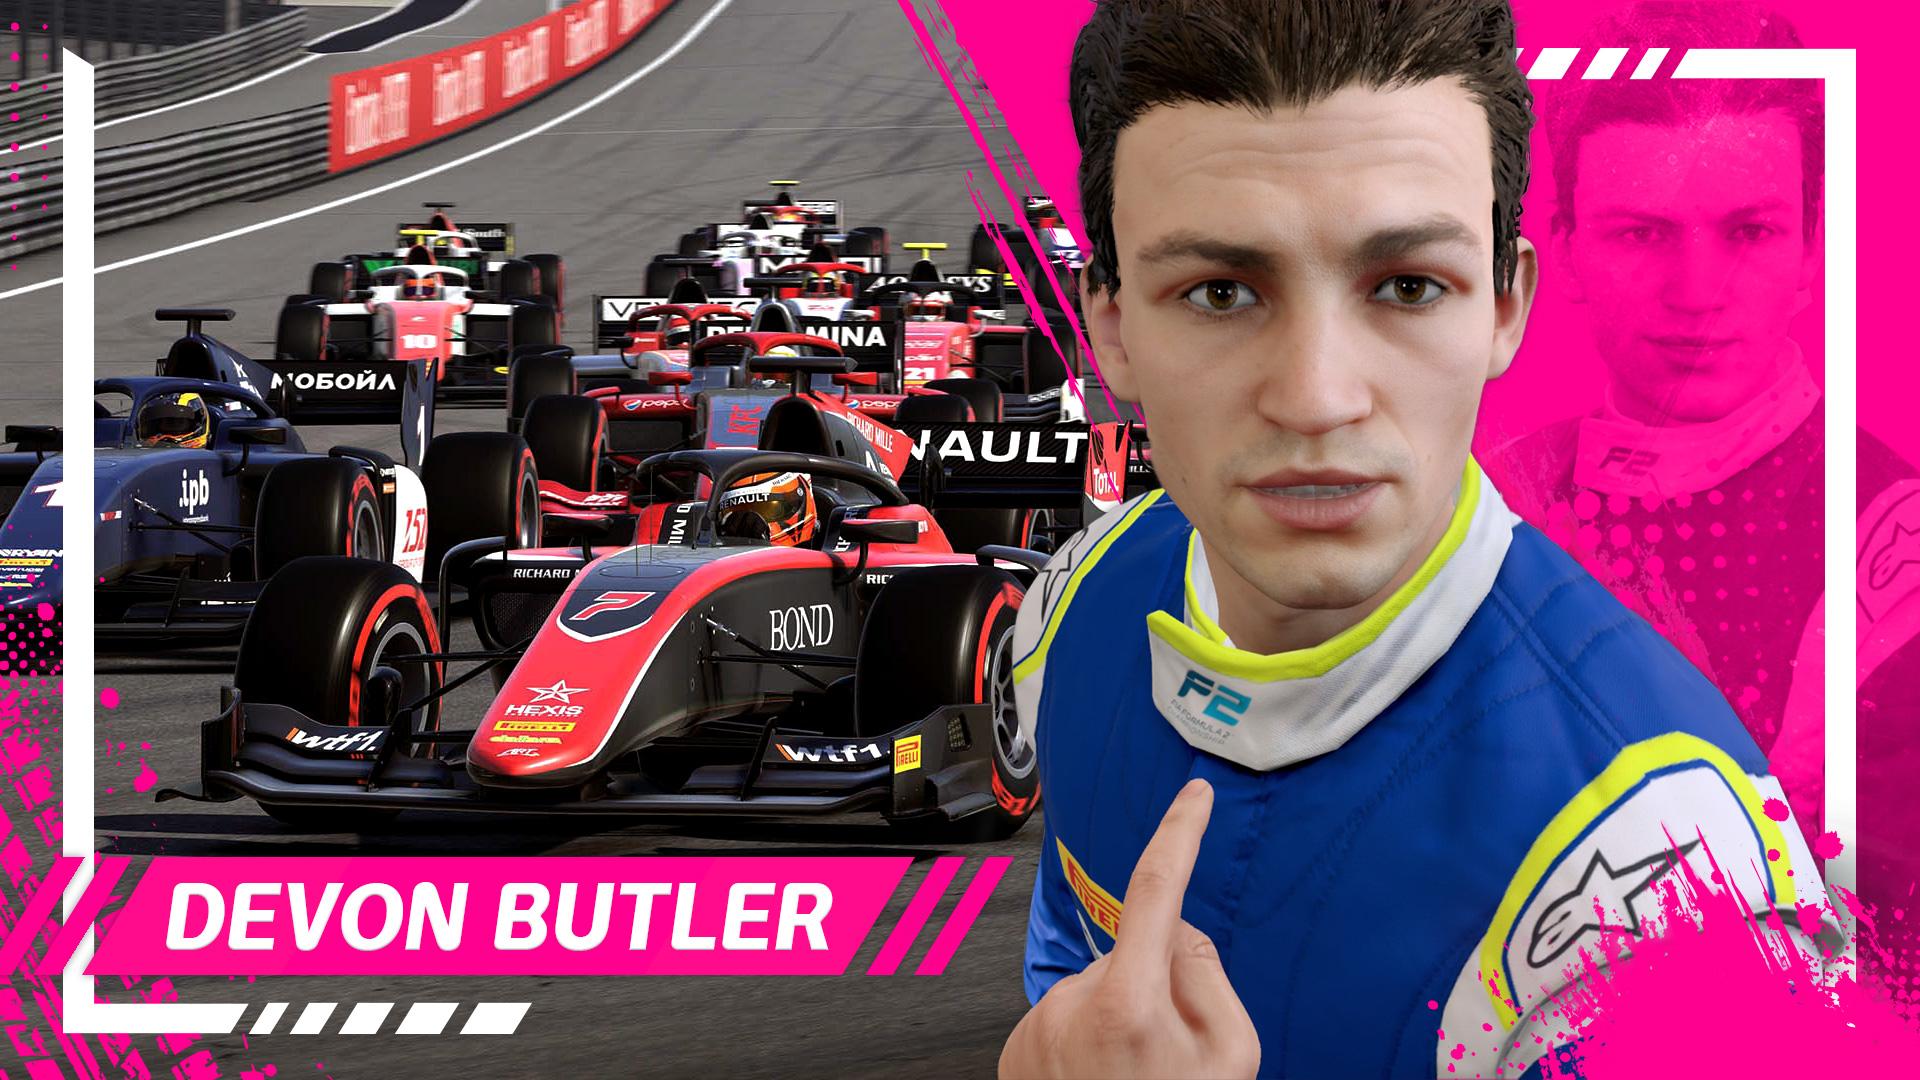 Devon Butler F1